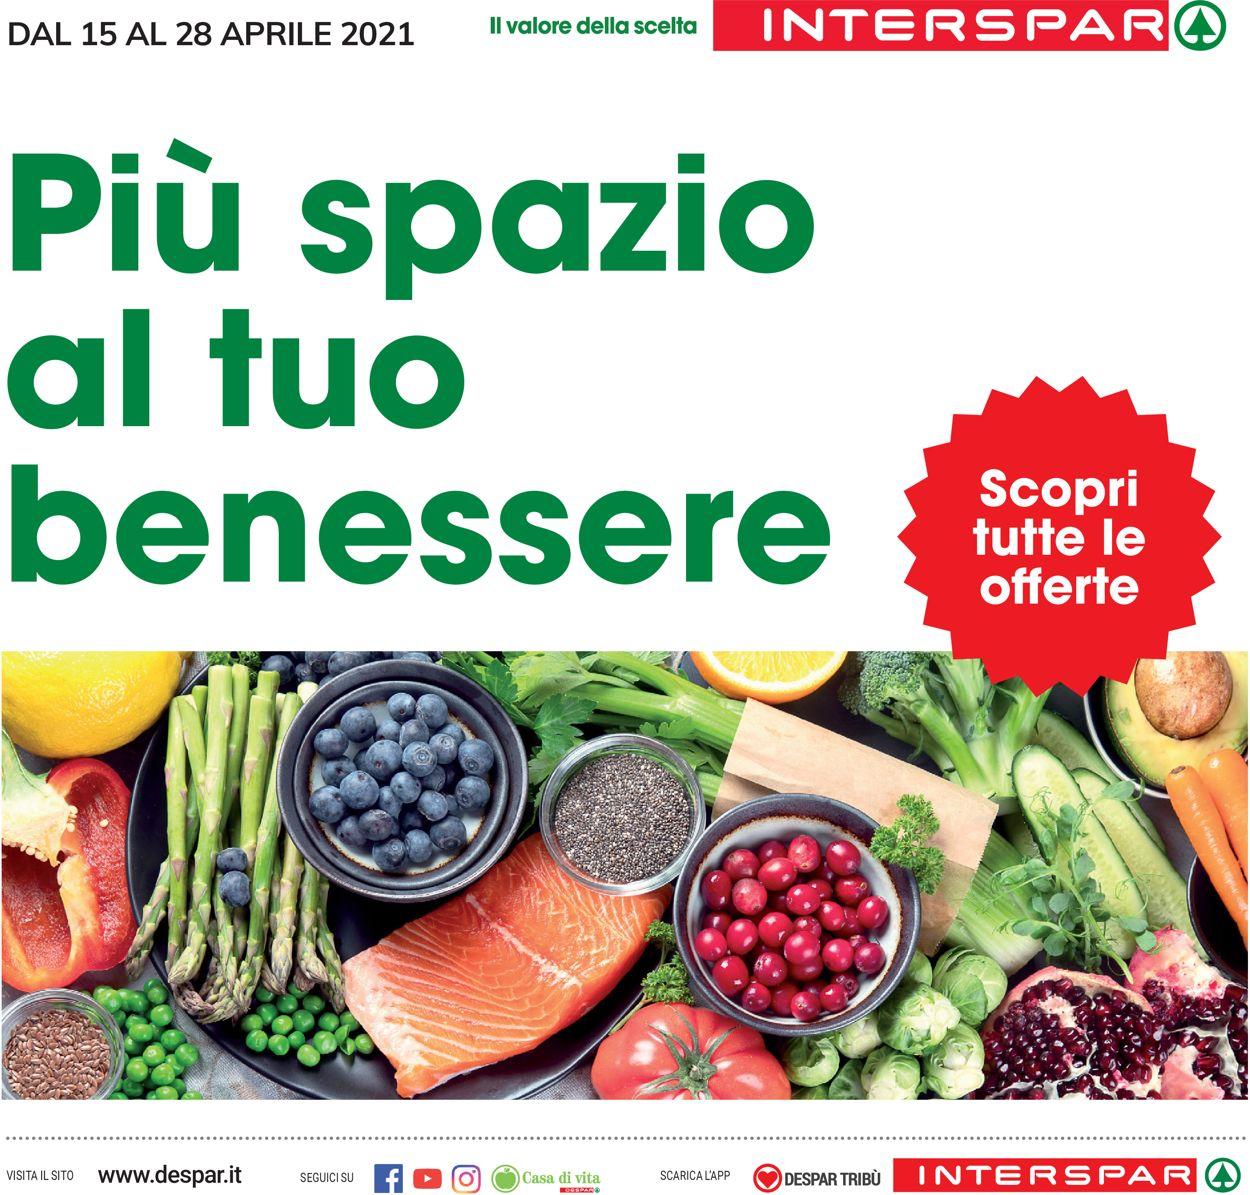 Volantino Interspar - Offerte 15/04-28/04/2021